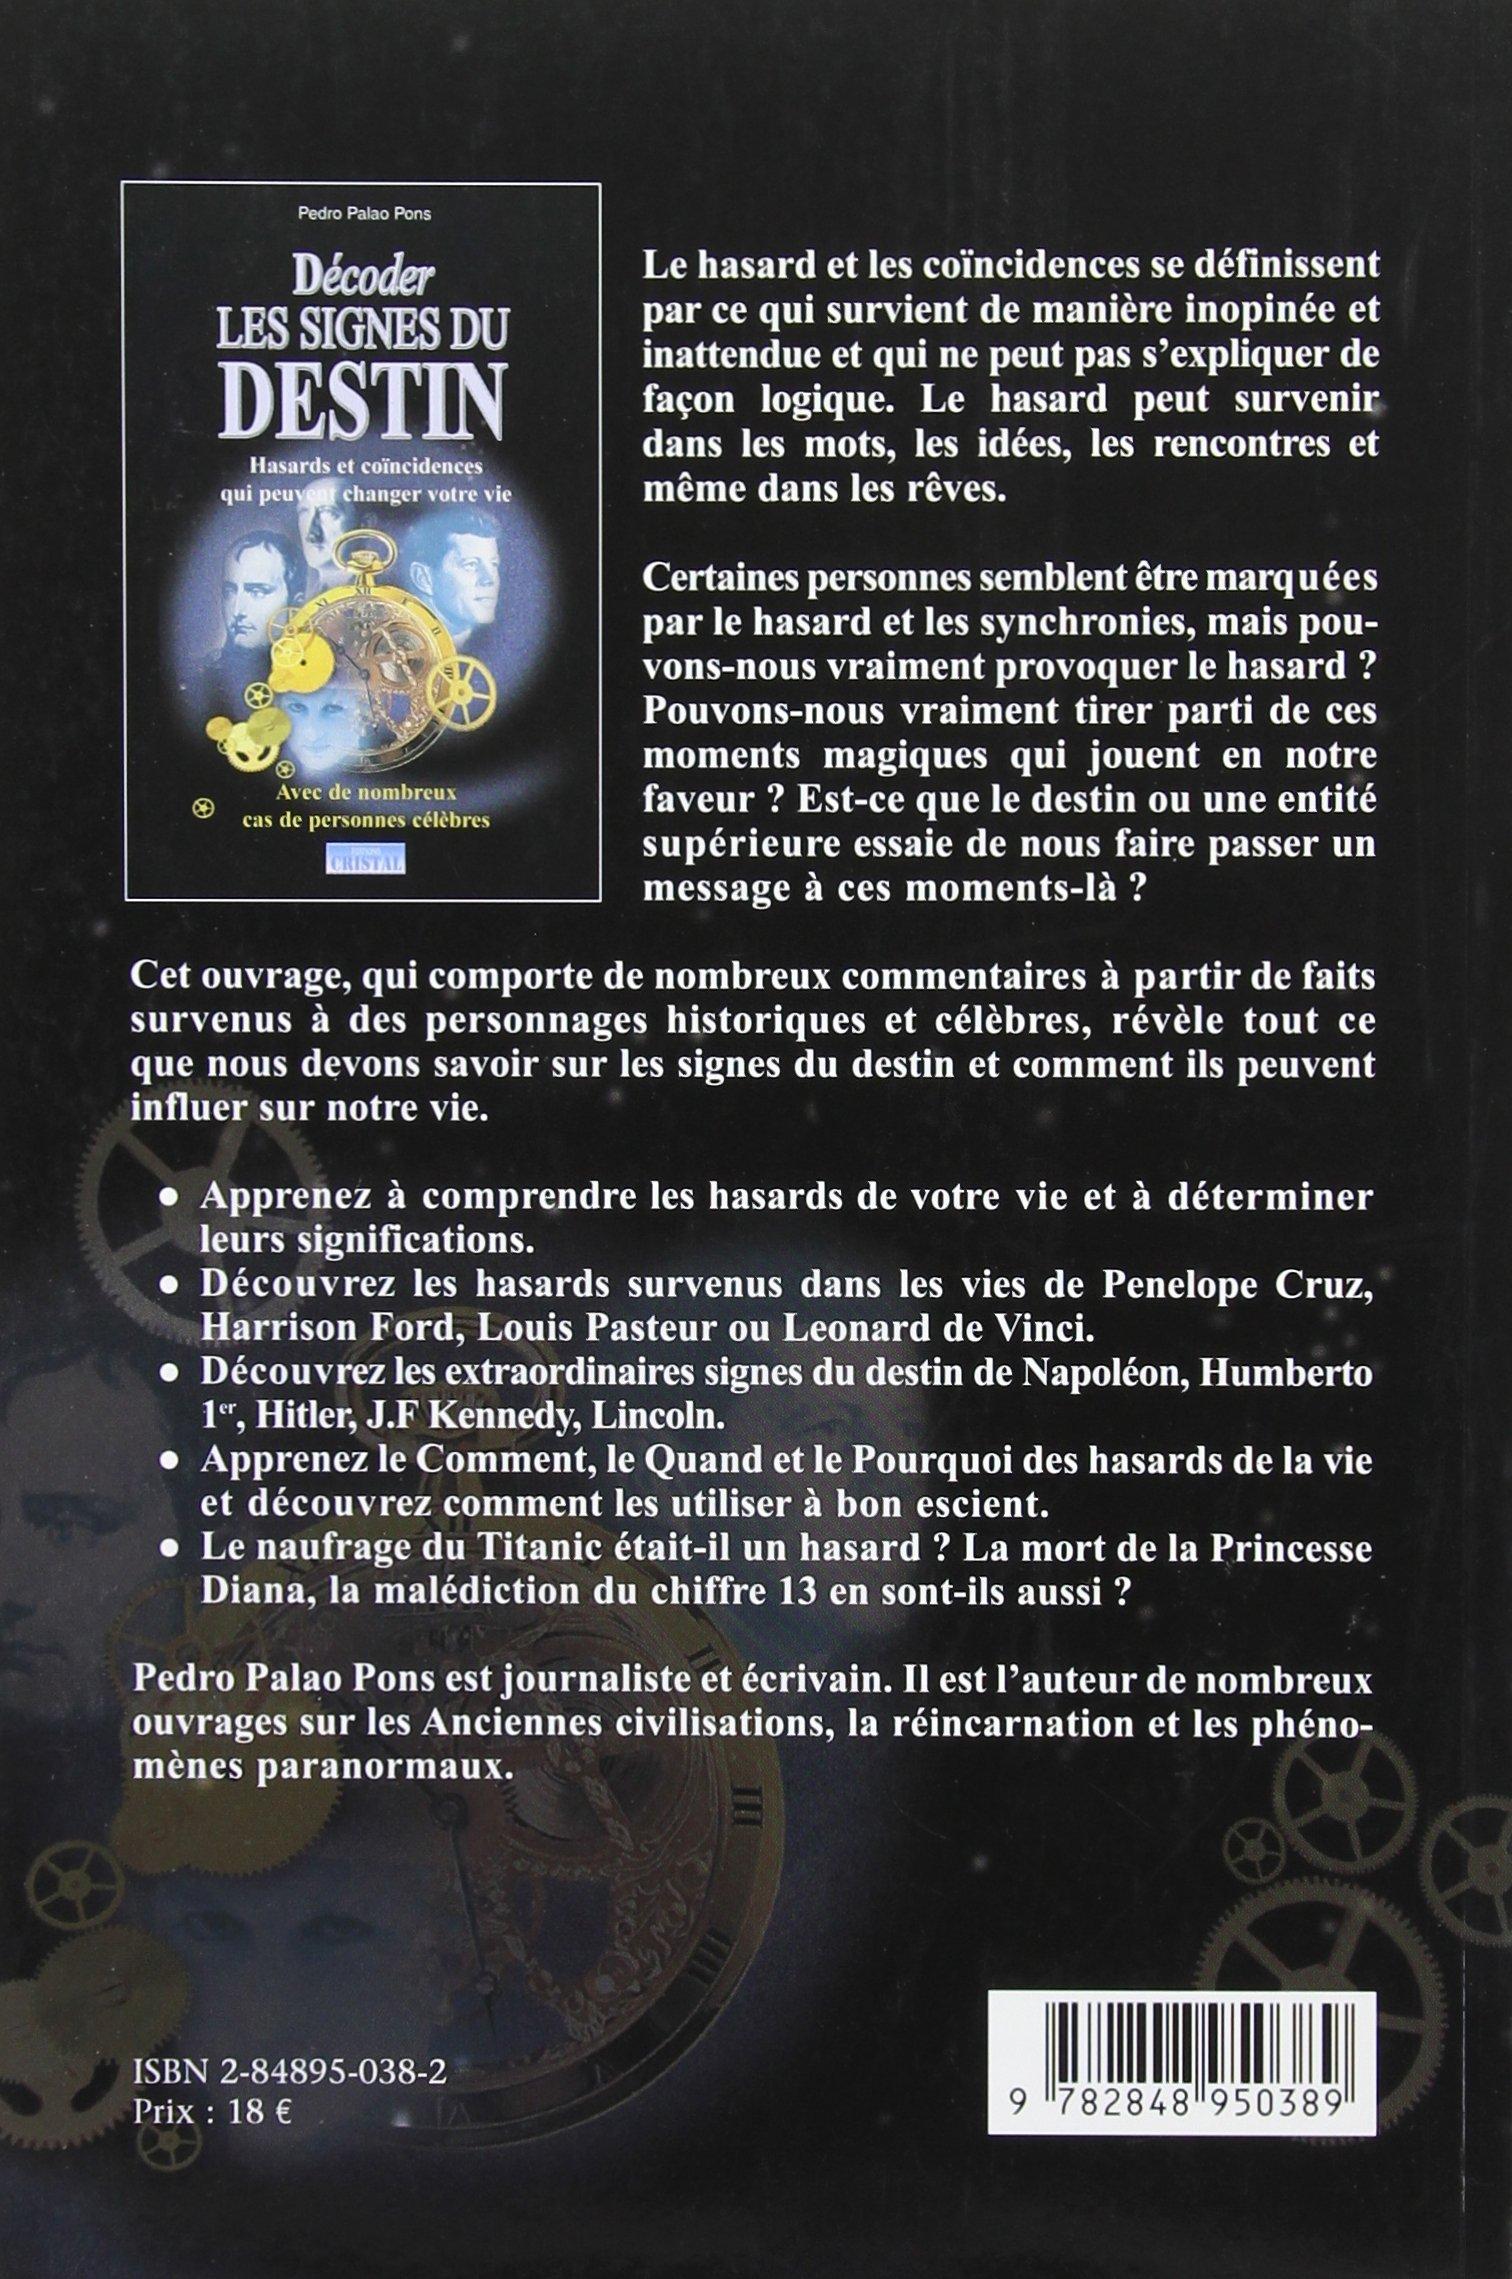 Amazon.fr - Décoder les signes du destin : Hasards et coïncidences qui peuvent changer votre vie - Pedro Palao Pons - Livres